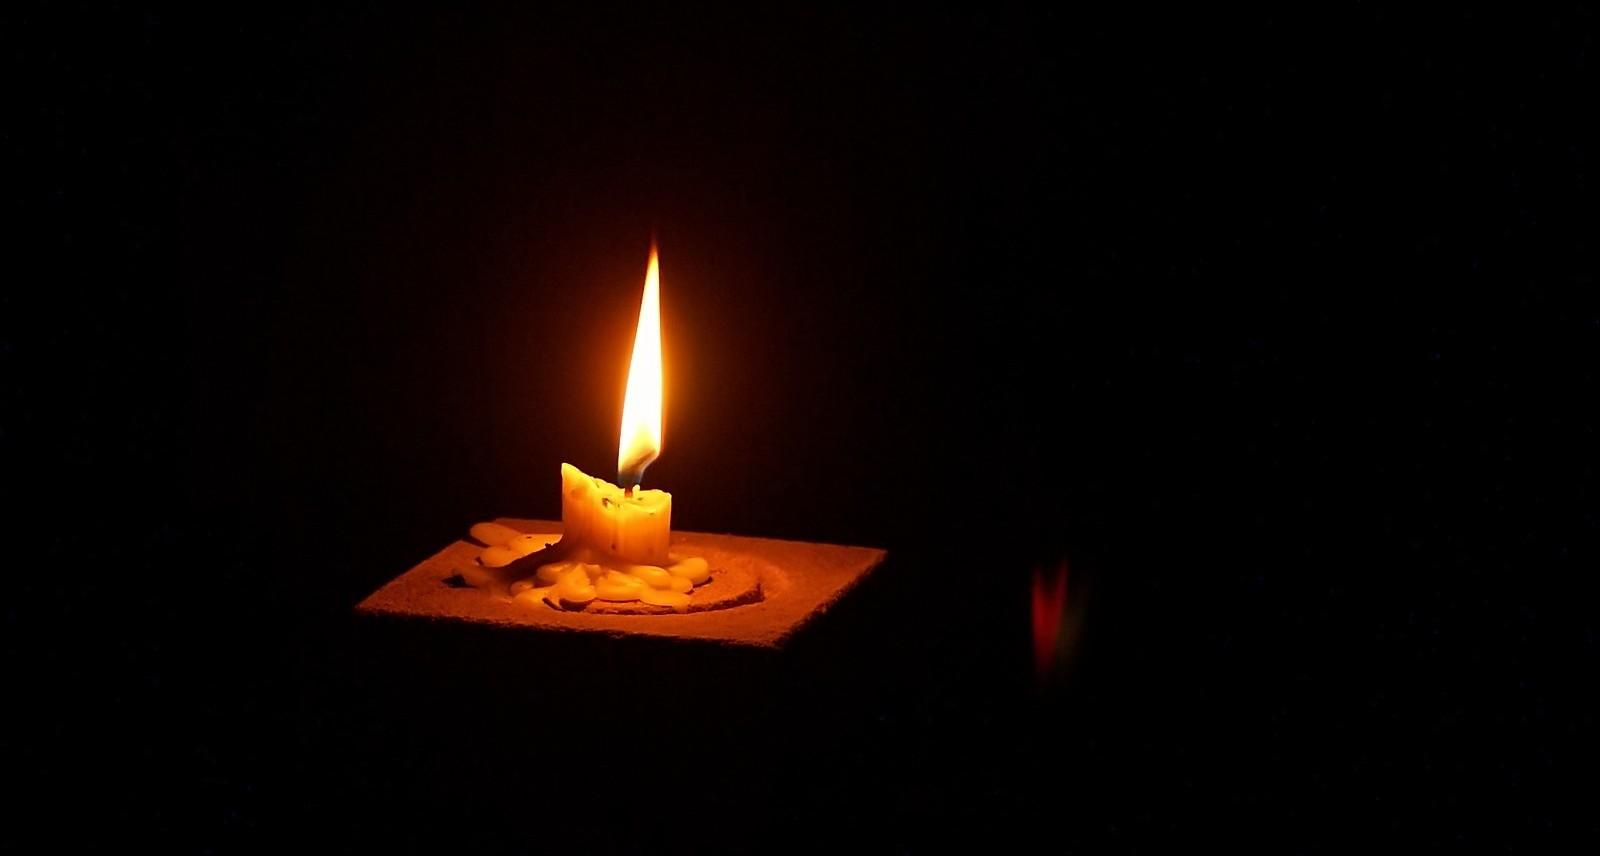 candela 3 rit